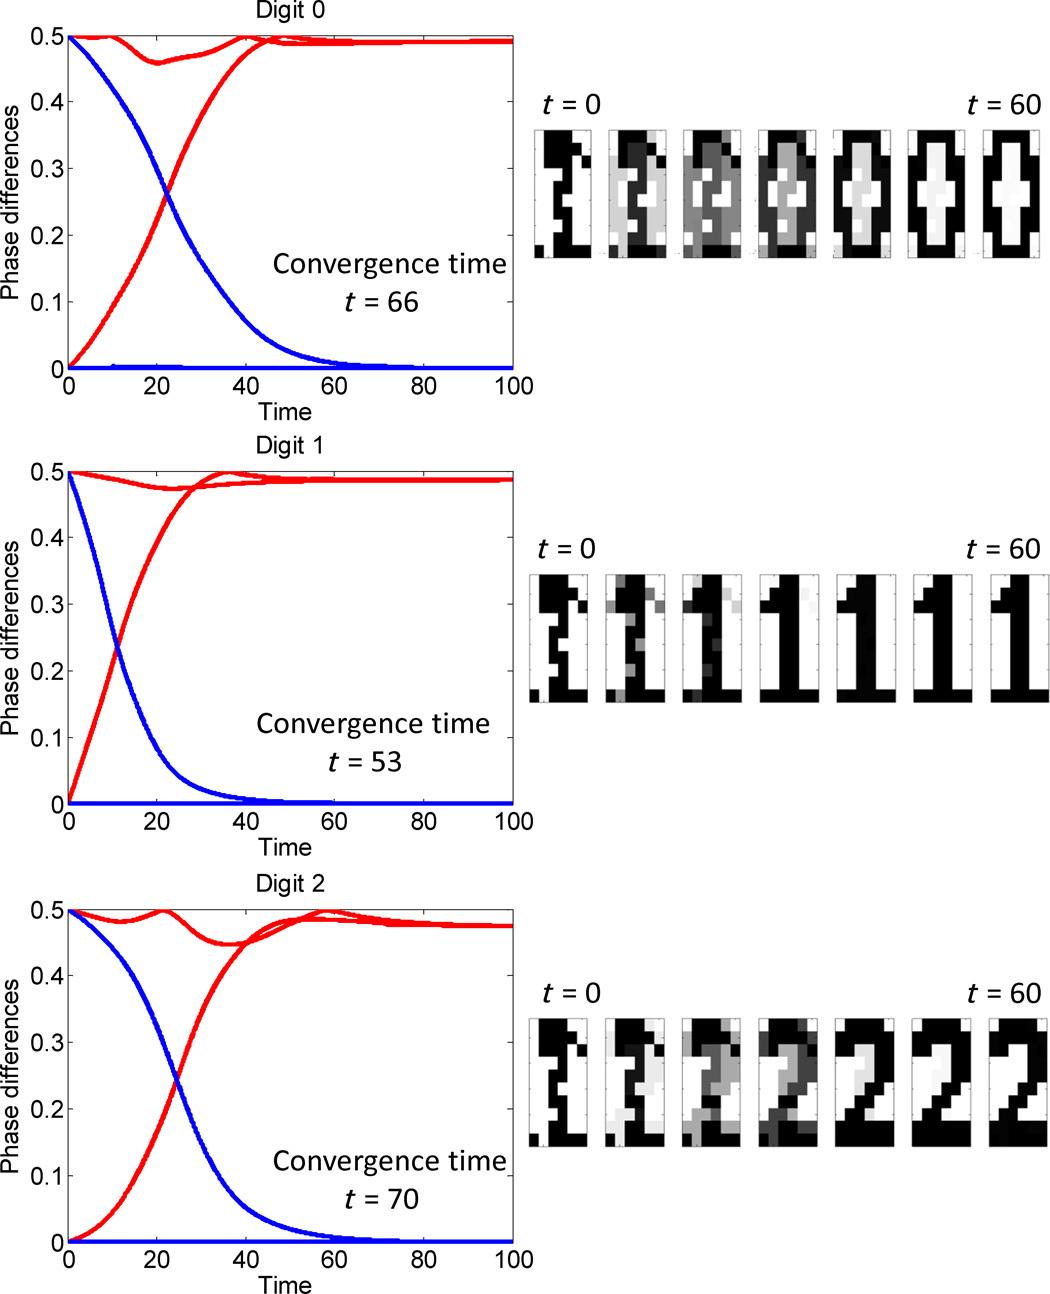 Живая химия. Вычислительное вещество из геля Белоусова-Жаботинского распознаёт простые образы - 5